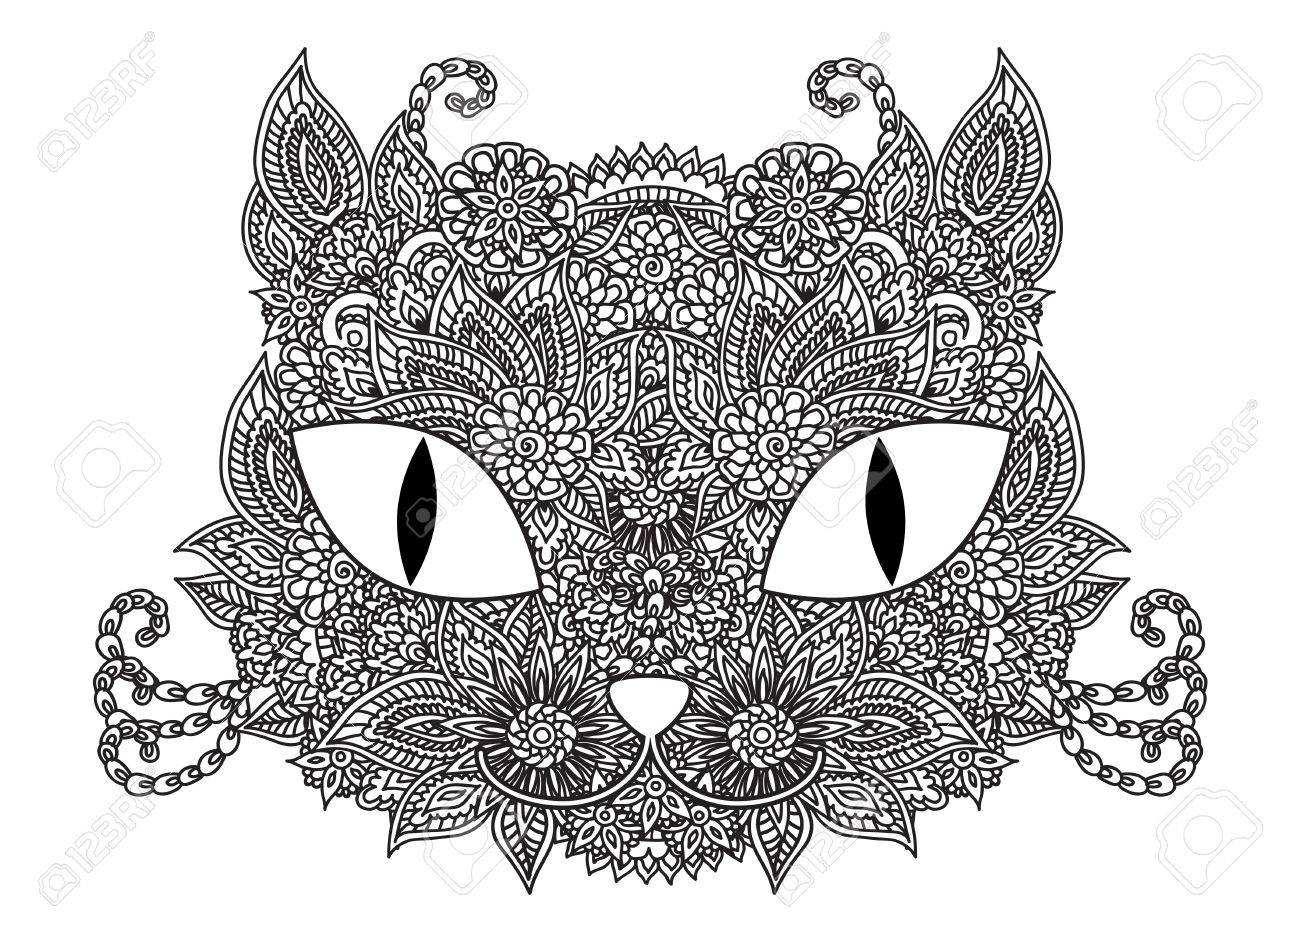 Kleurplaten Volwassenen Abstract.Hand Getekende Schets Vector Kat Snuit Illustratie Met Abstract Floral Ornament Geisoleerde Over Wit Kleurplaat Voor Kinderen En Volwassenen